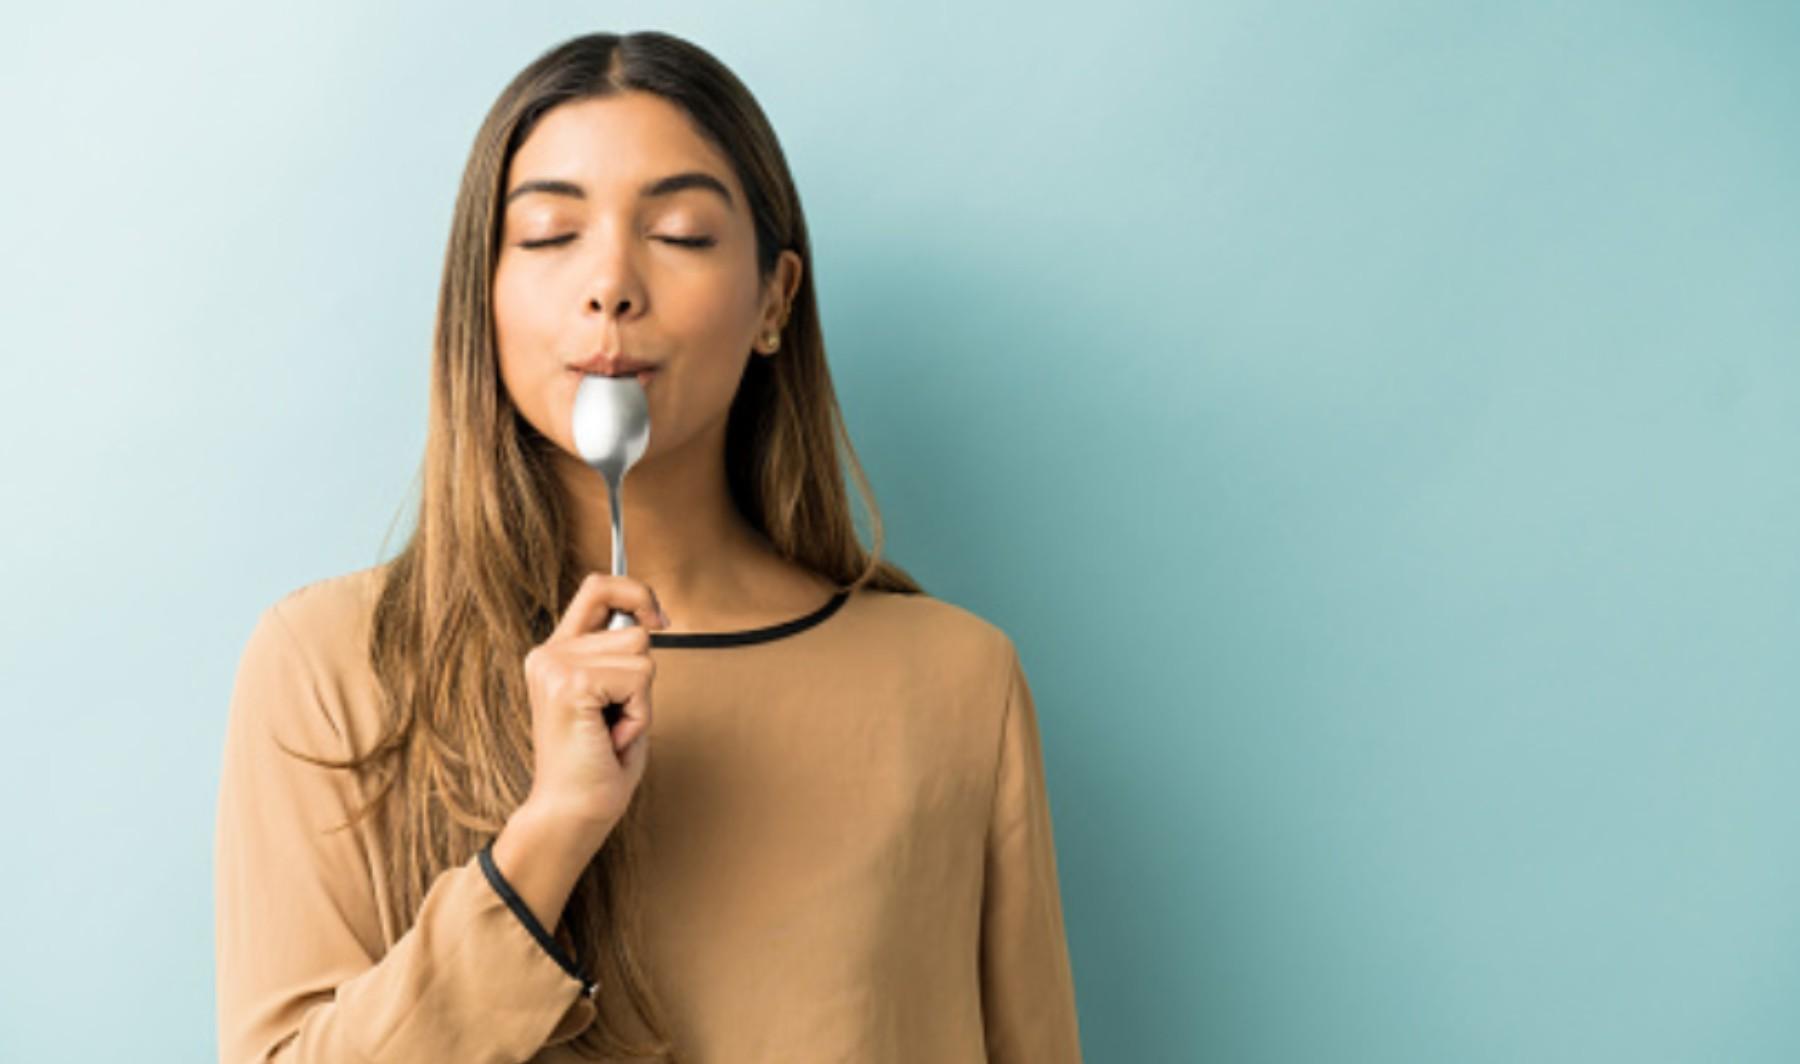 La crema mágica de Mercadona con la que adelgazarás sin pasar hambre por 2 euros